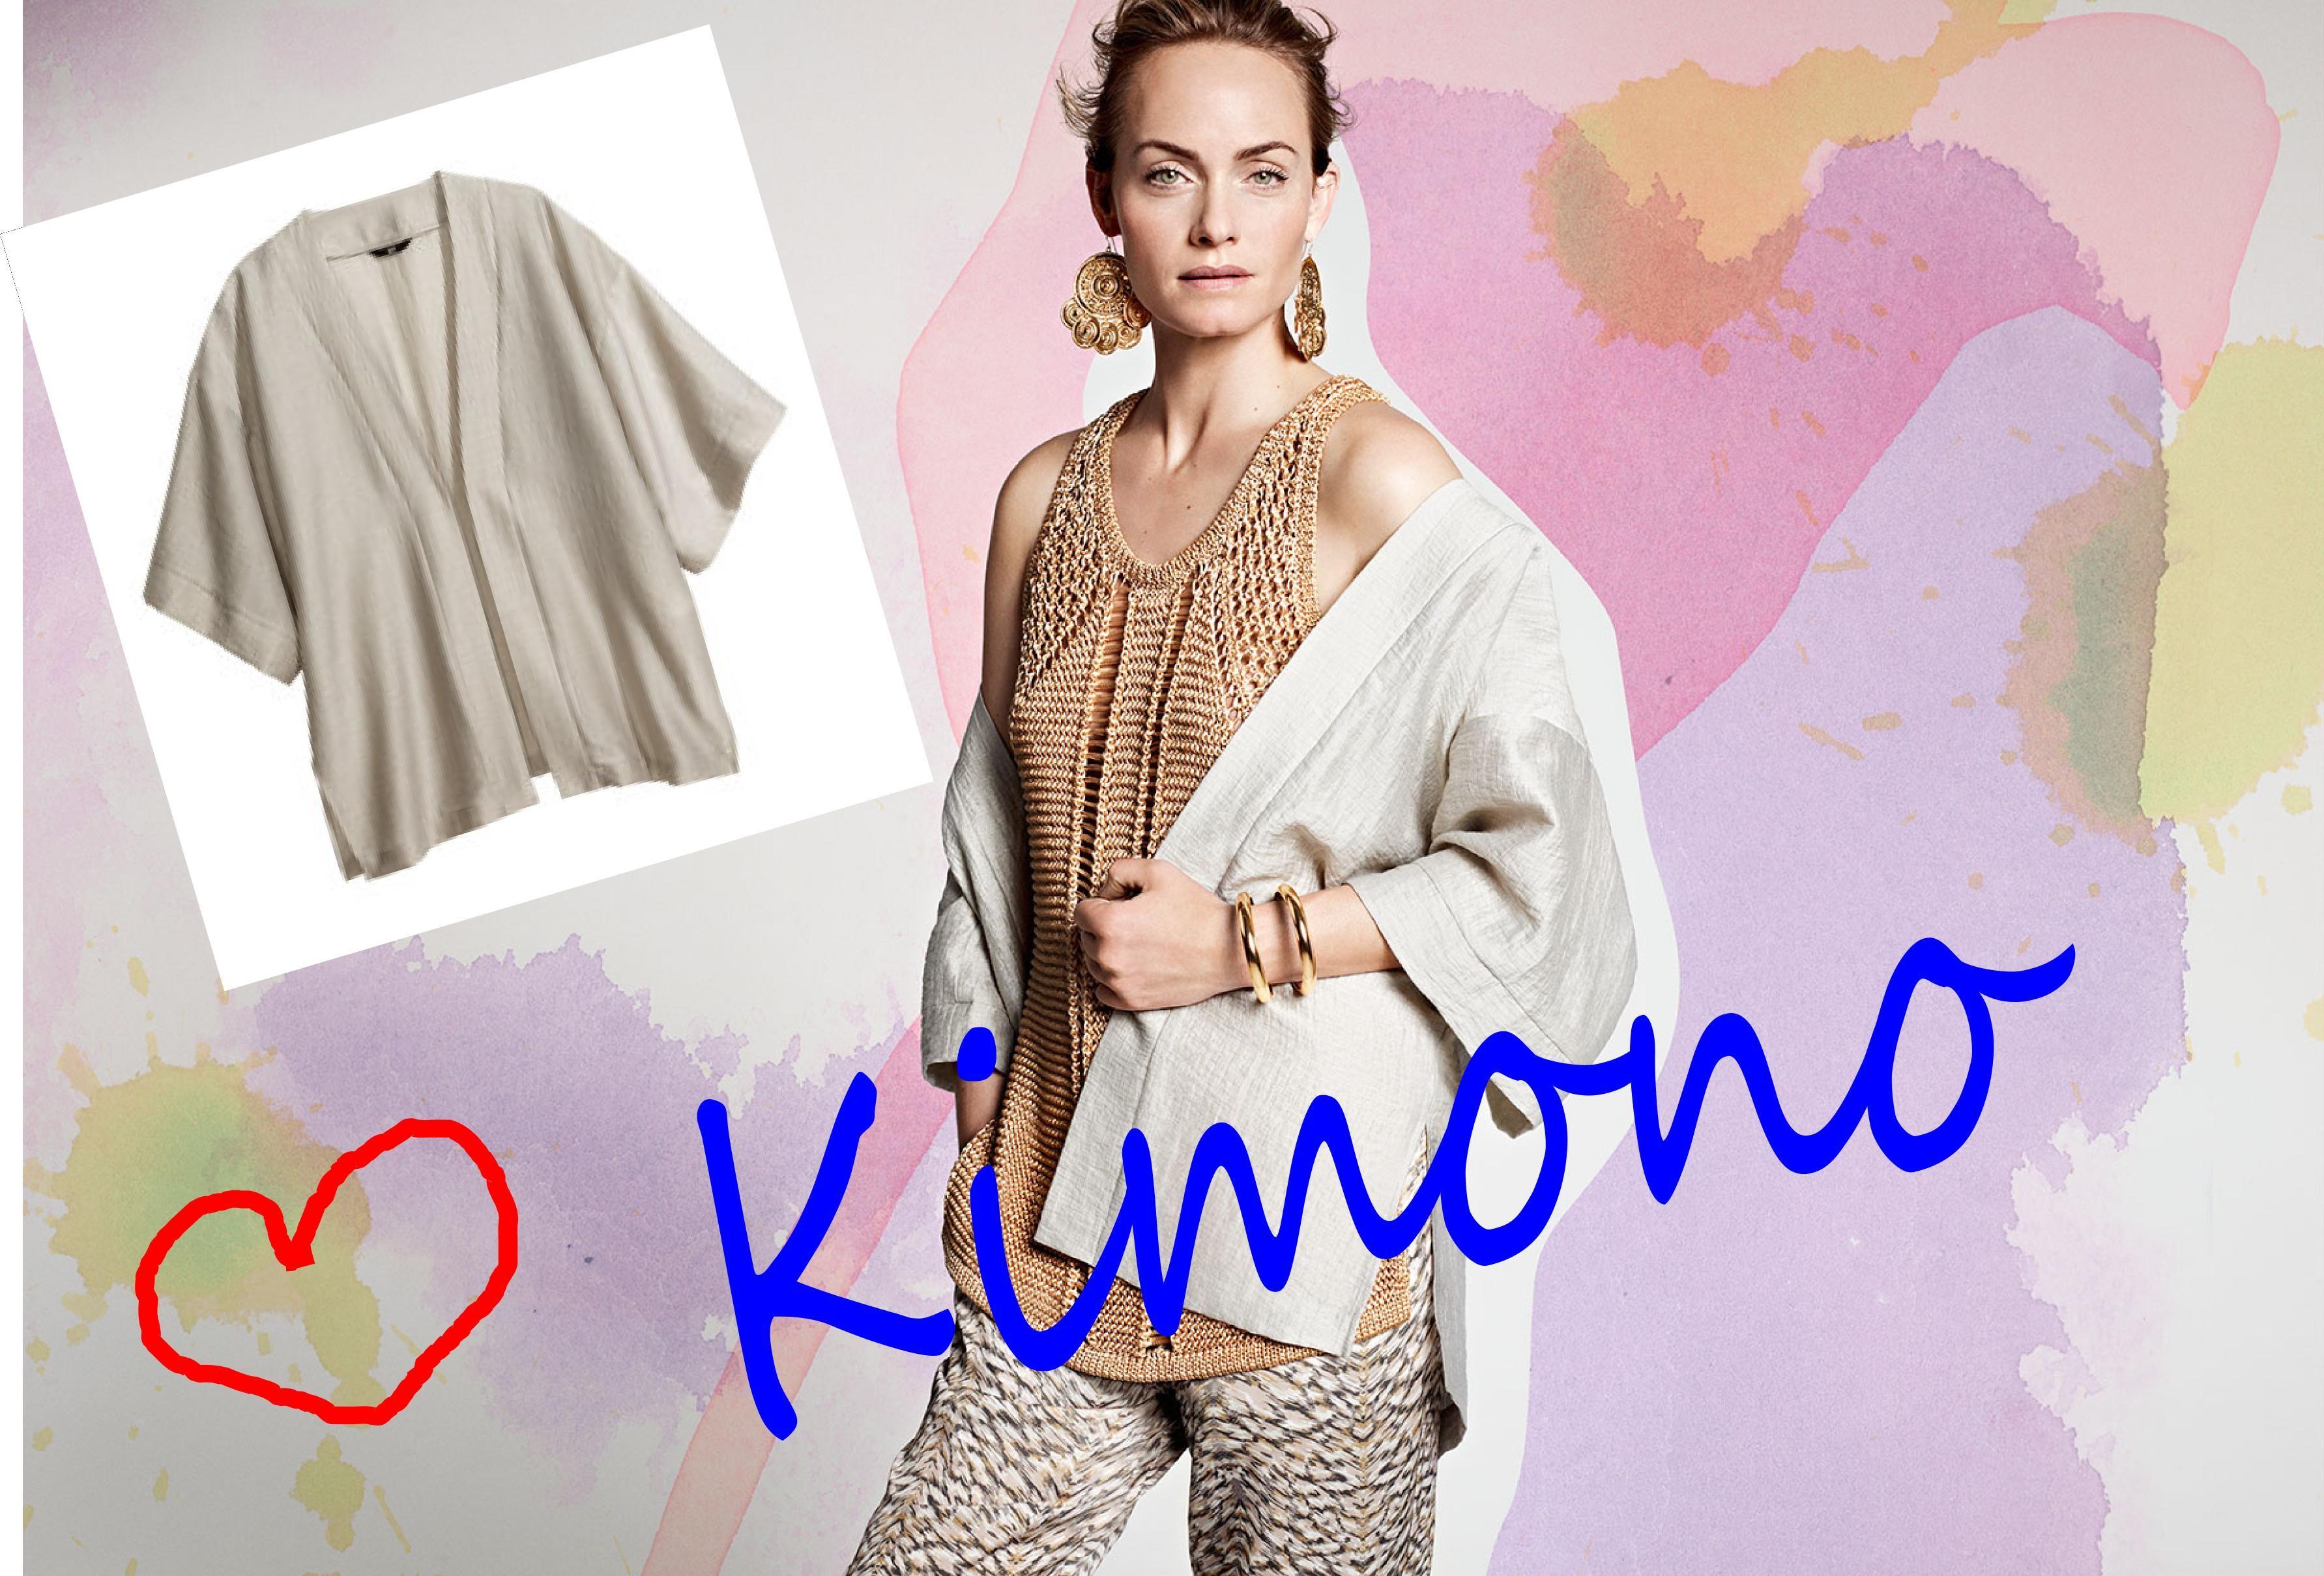 kimono H&M 29,95 E